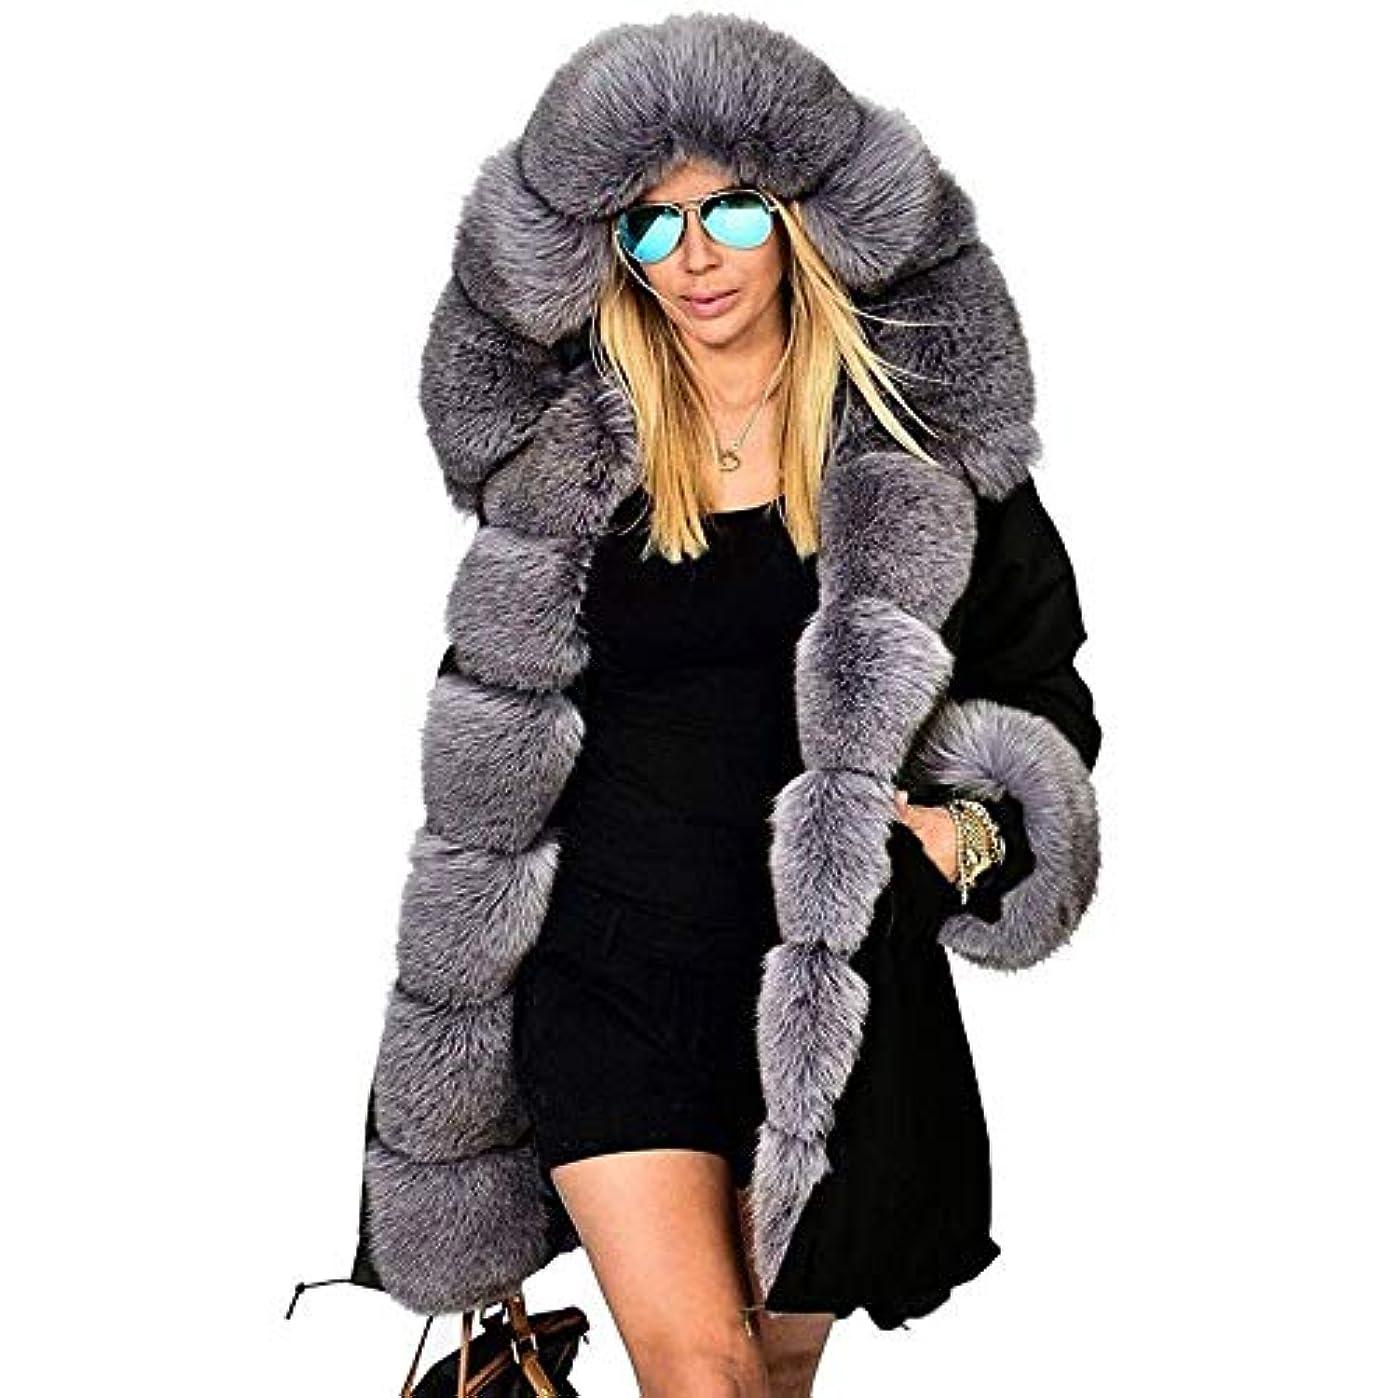 誰蓮深遠ファッションウィメンズジャケット女性ウォームコートフェイクファーコットンオーバーコート女性ロングフードコートパーカー,XXL